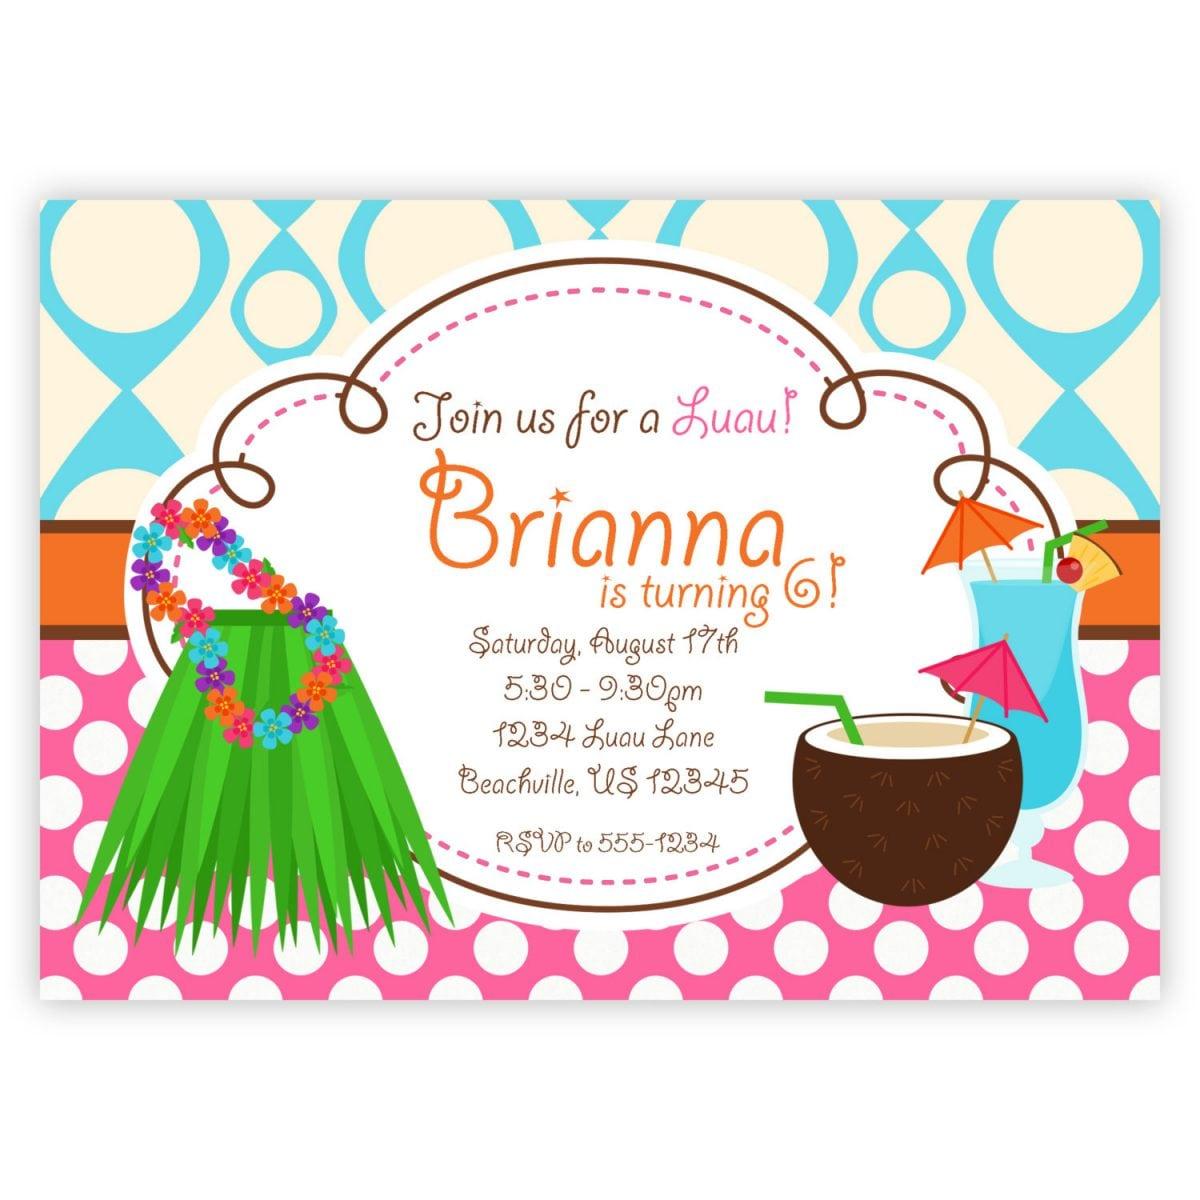 Printable Hawaiian Wedding Invitations  Hawaiian Wedding